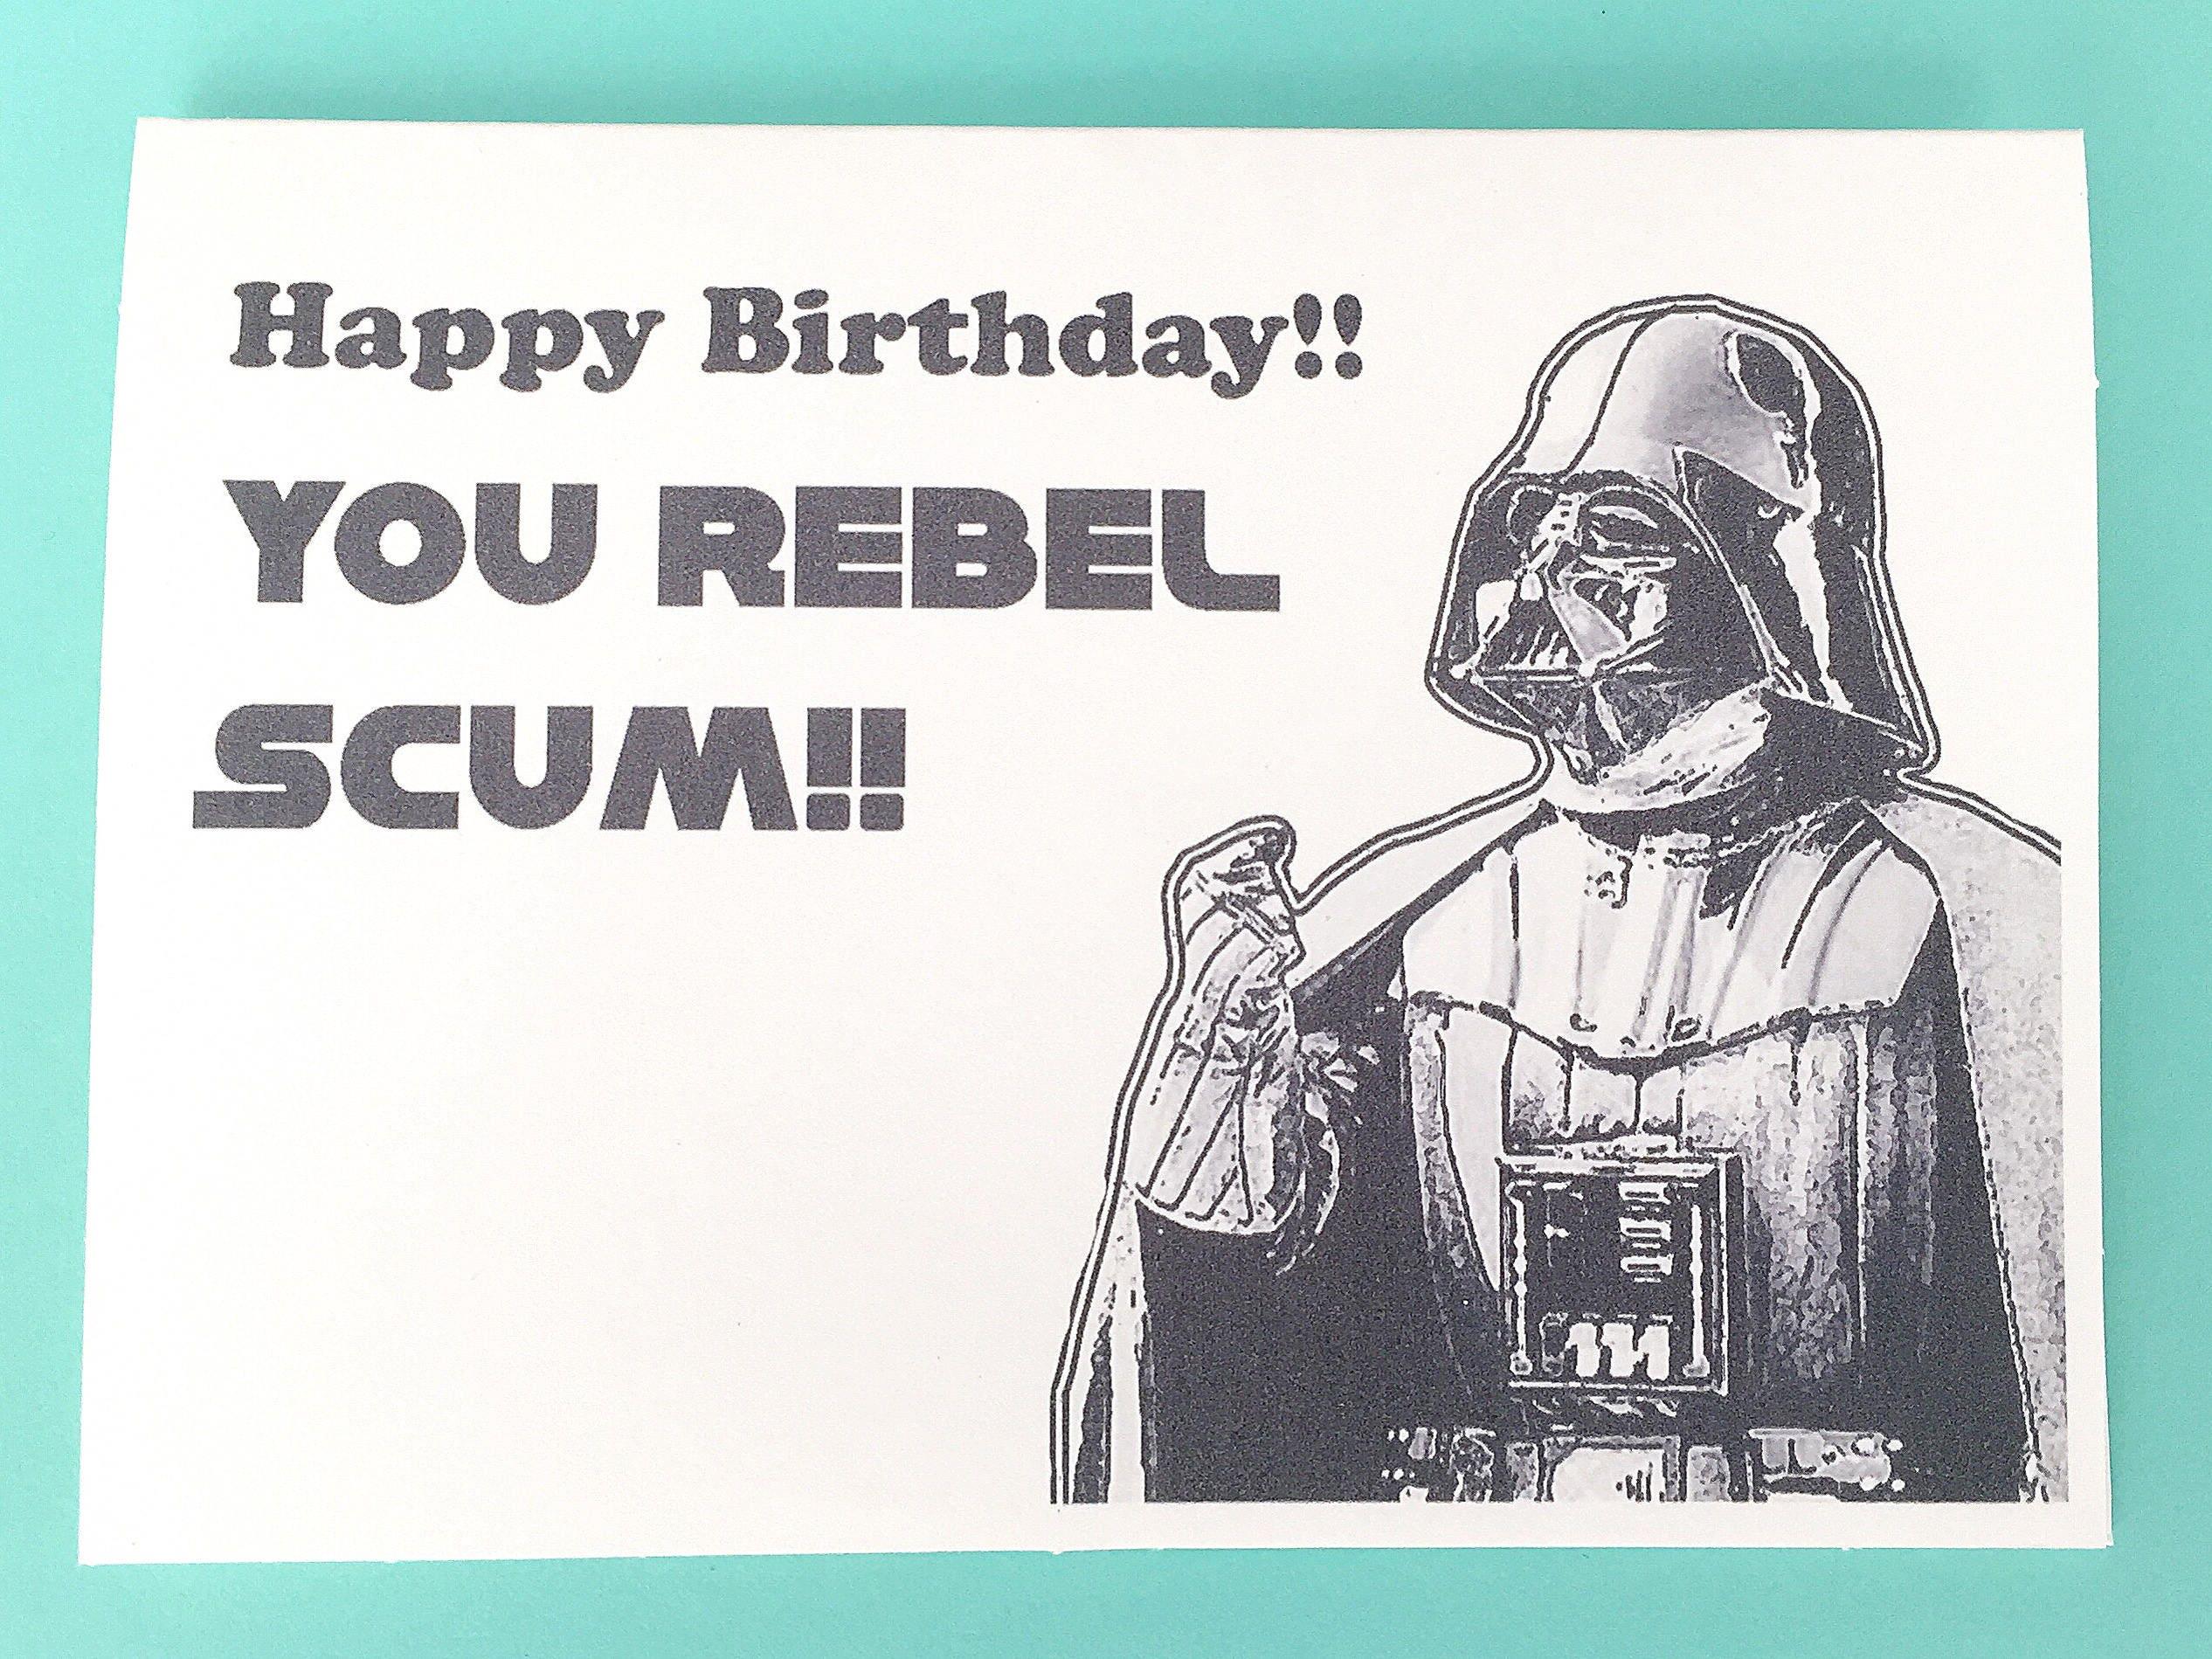 star wars darth vader birthday card rebel scum star wars